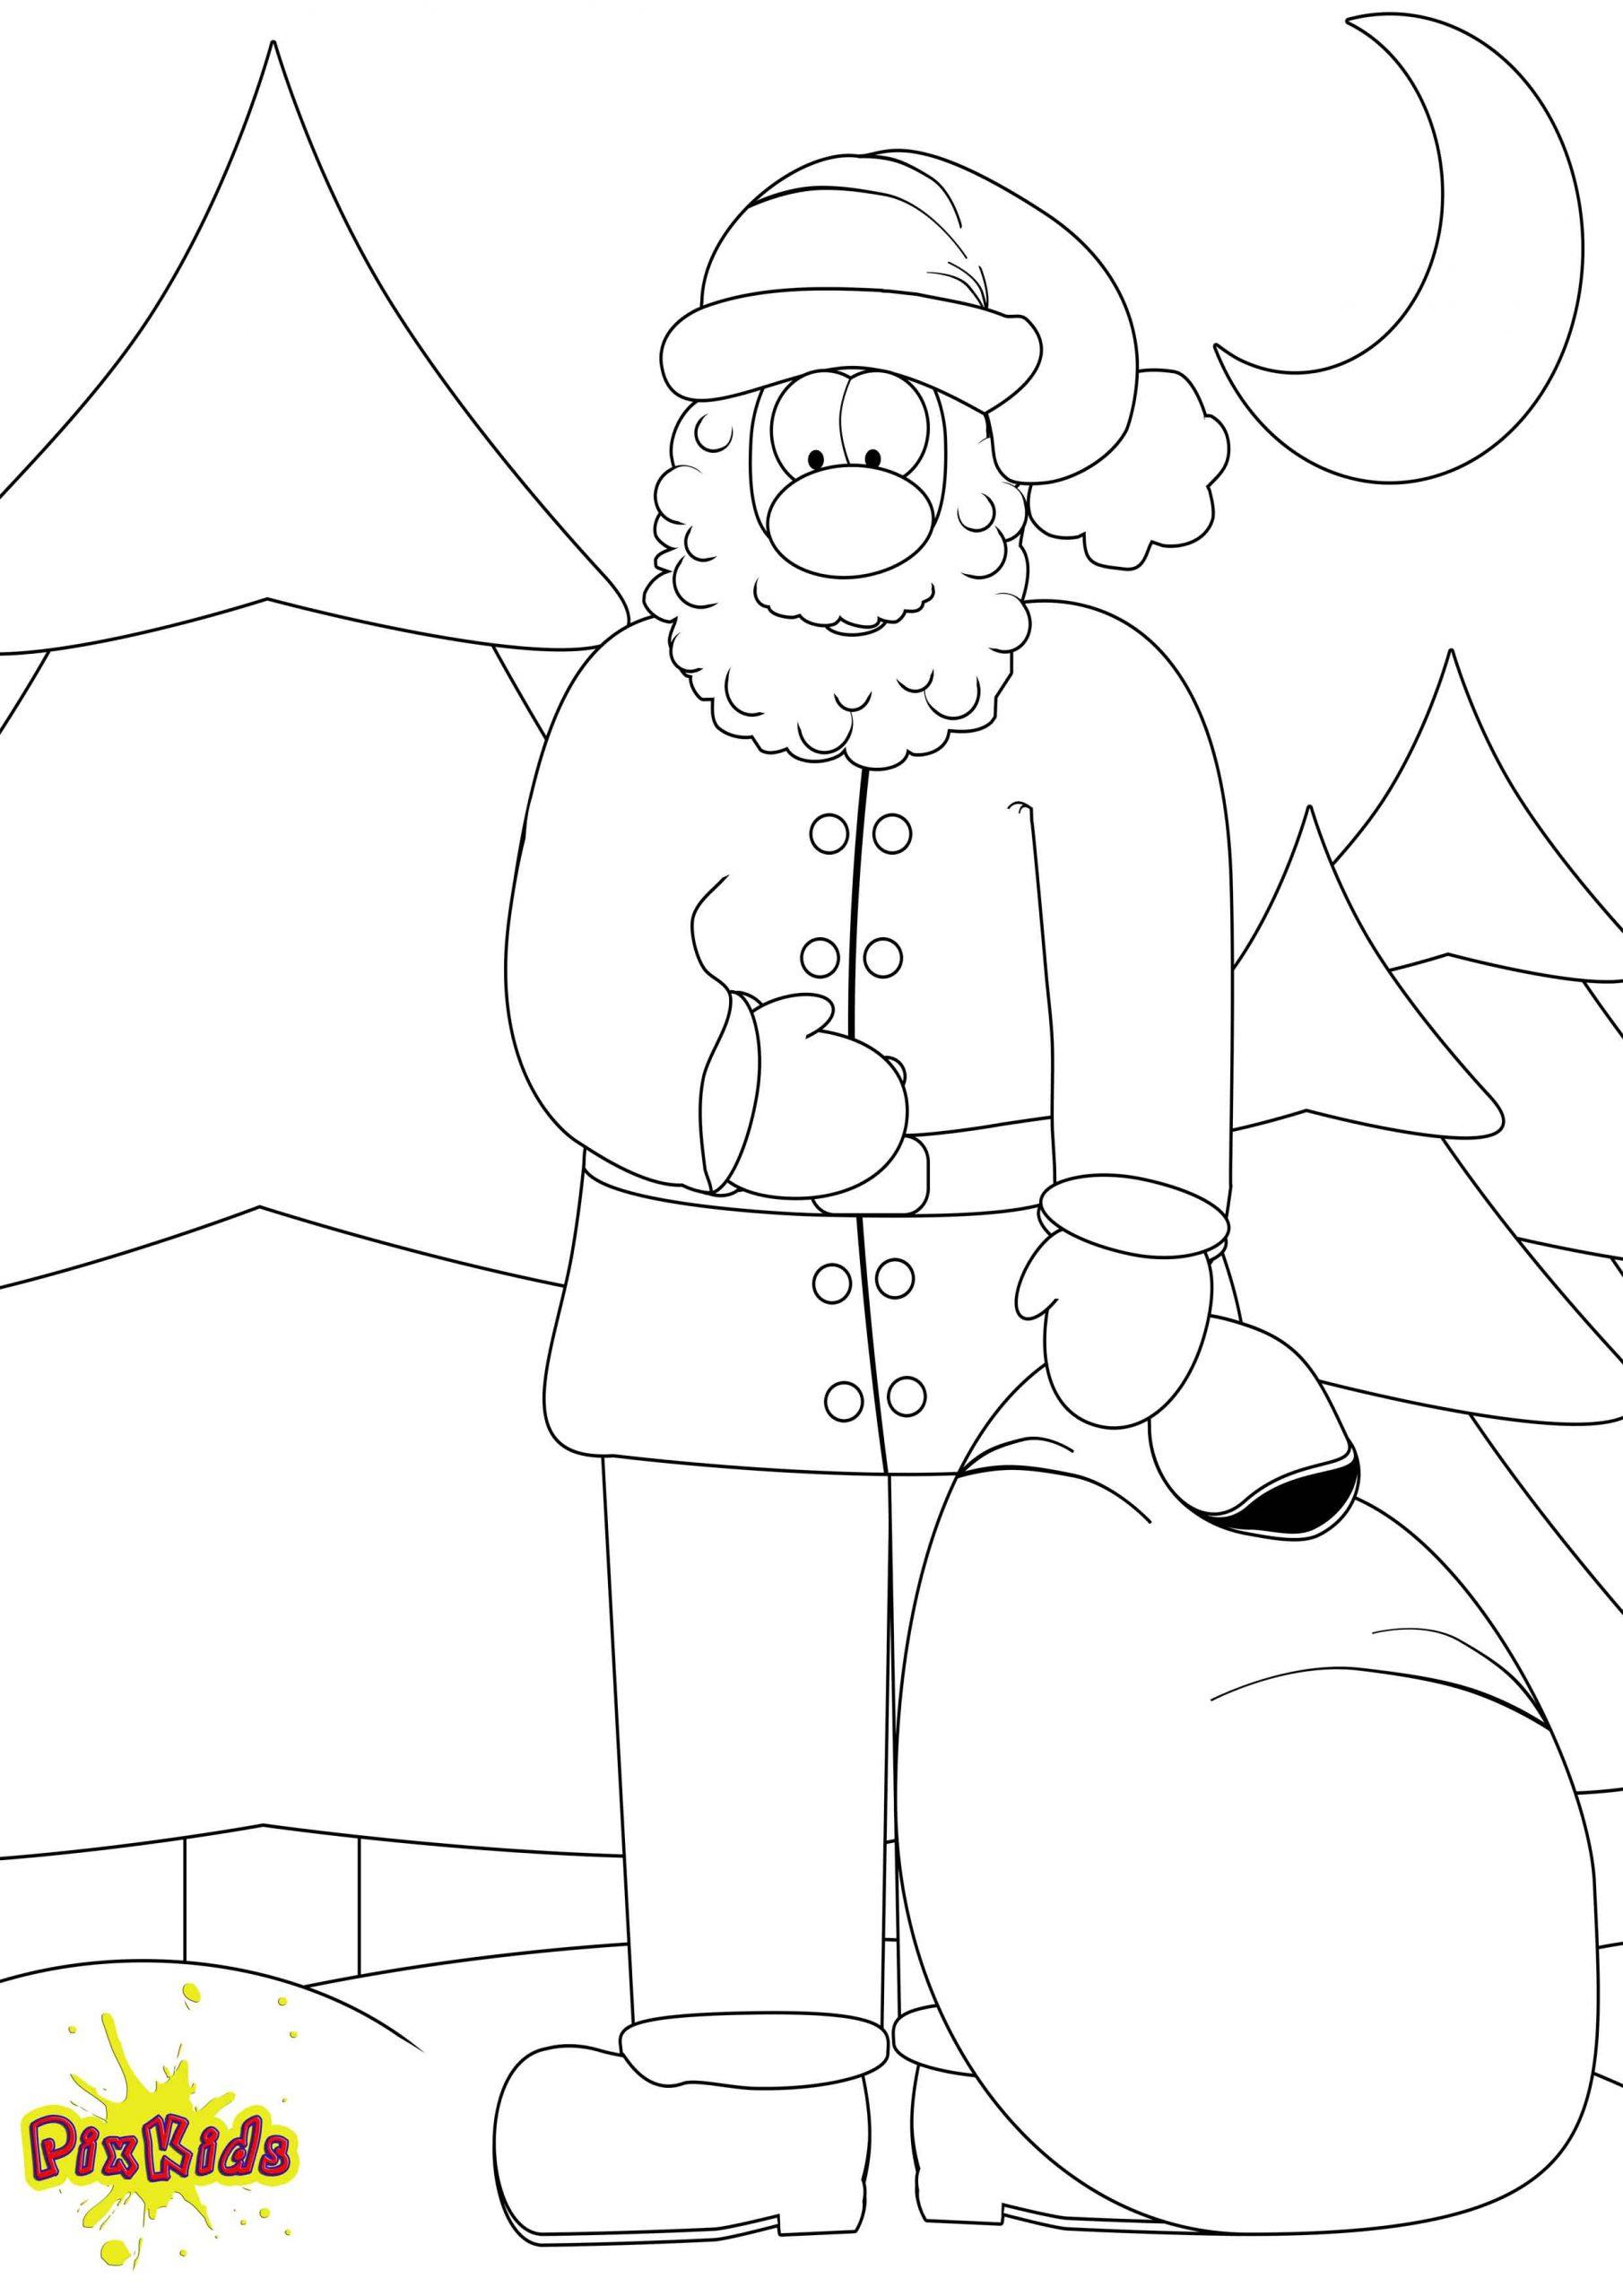 Weihnachten Archive - Ausmalbilder Adventskalender verwandt mit Ausmalbilder Weihnachten Ausdrucken